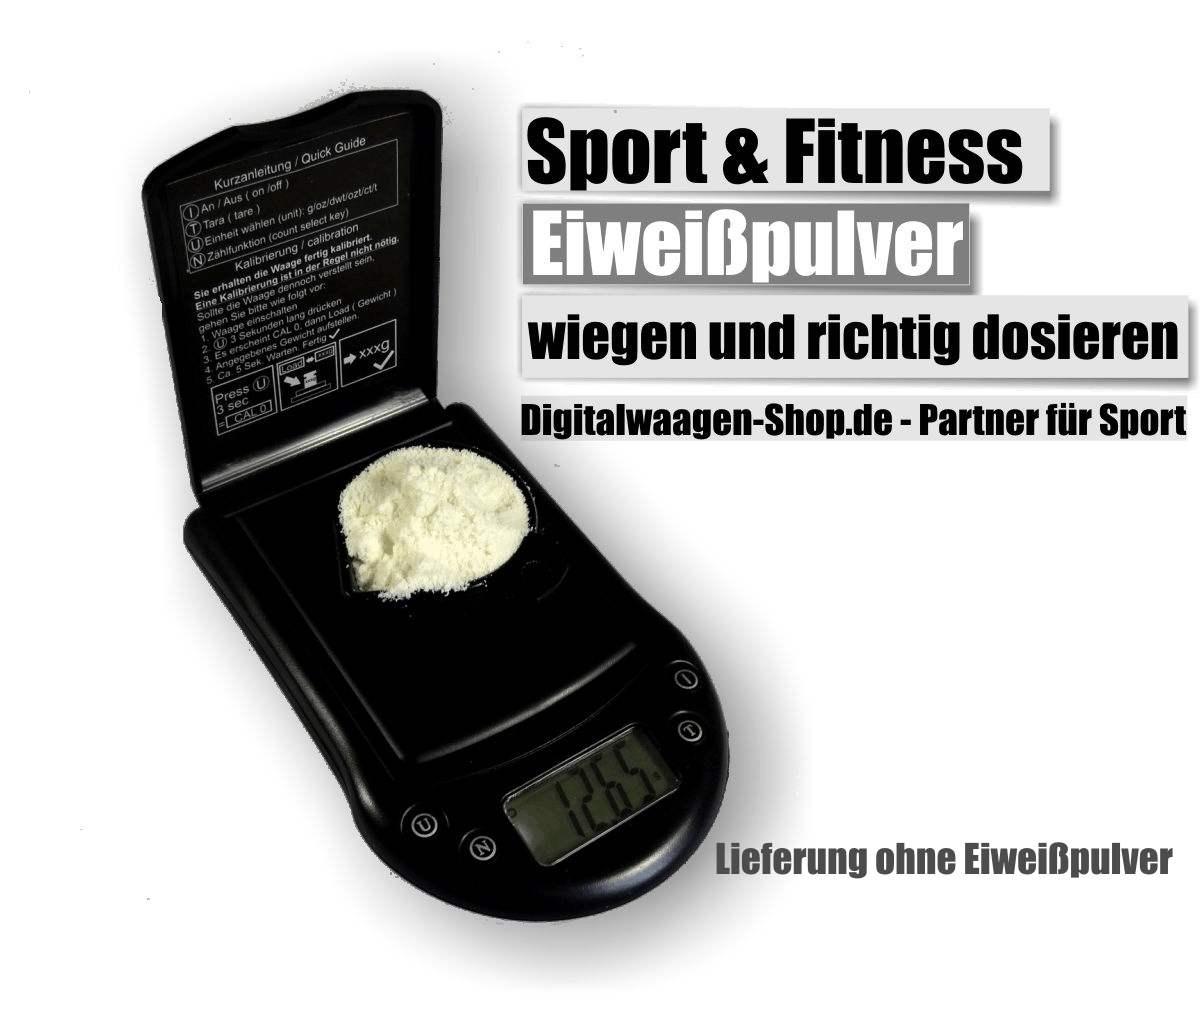 Eiweißpulver für Training oder Diät genau abwiegen mit der Feinwaage